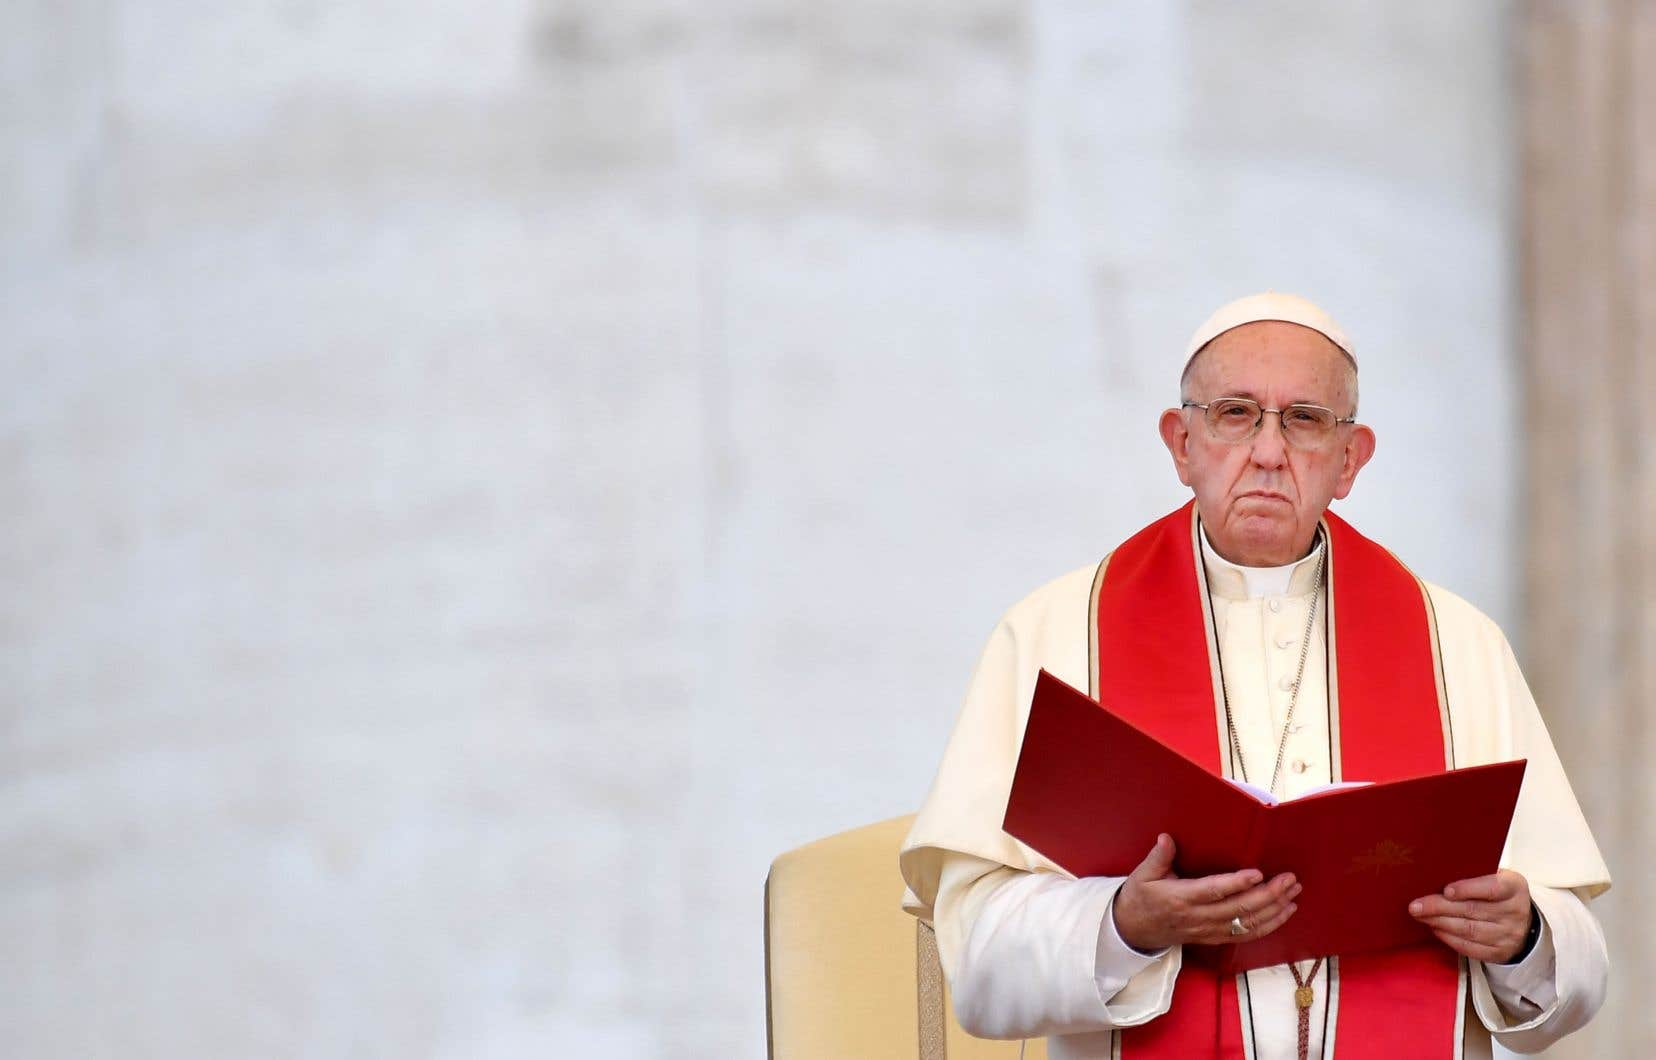 Il est essentiel, affirme le pape, que toute la communauté des fidèles se mobilise pour lutter contre les agressions sexuelles.